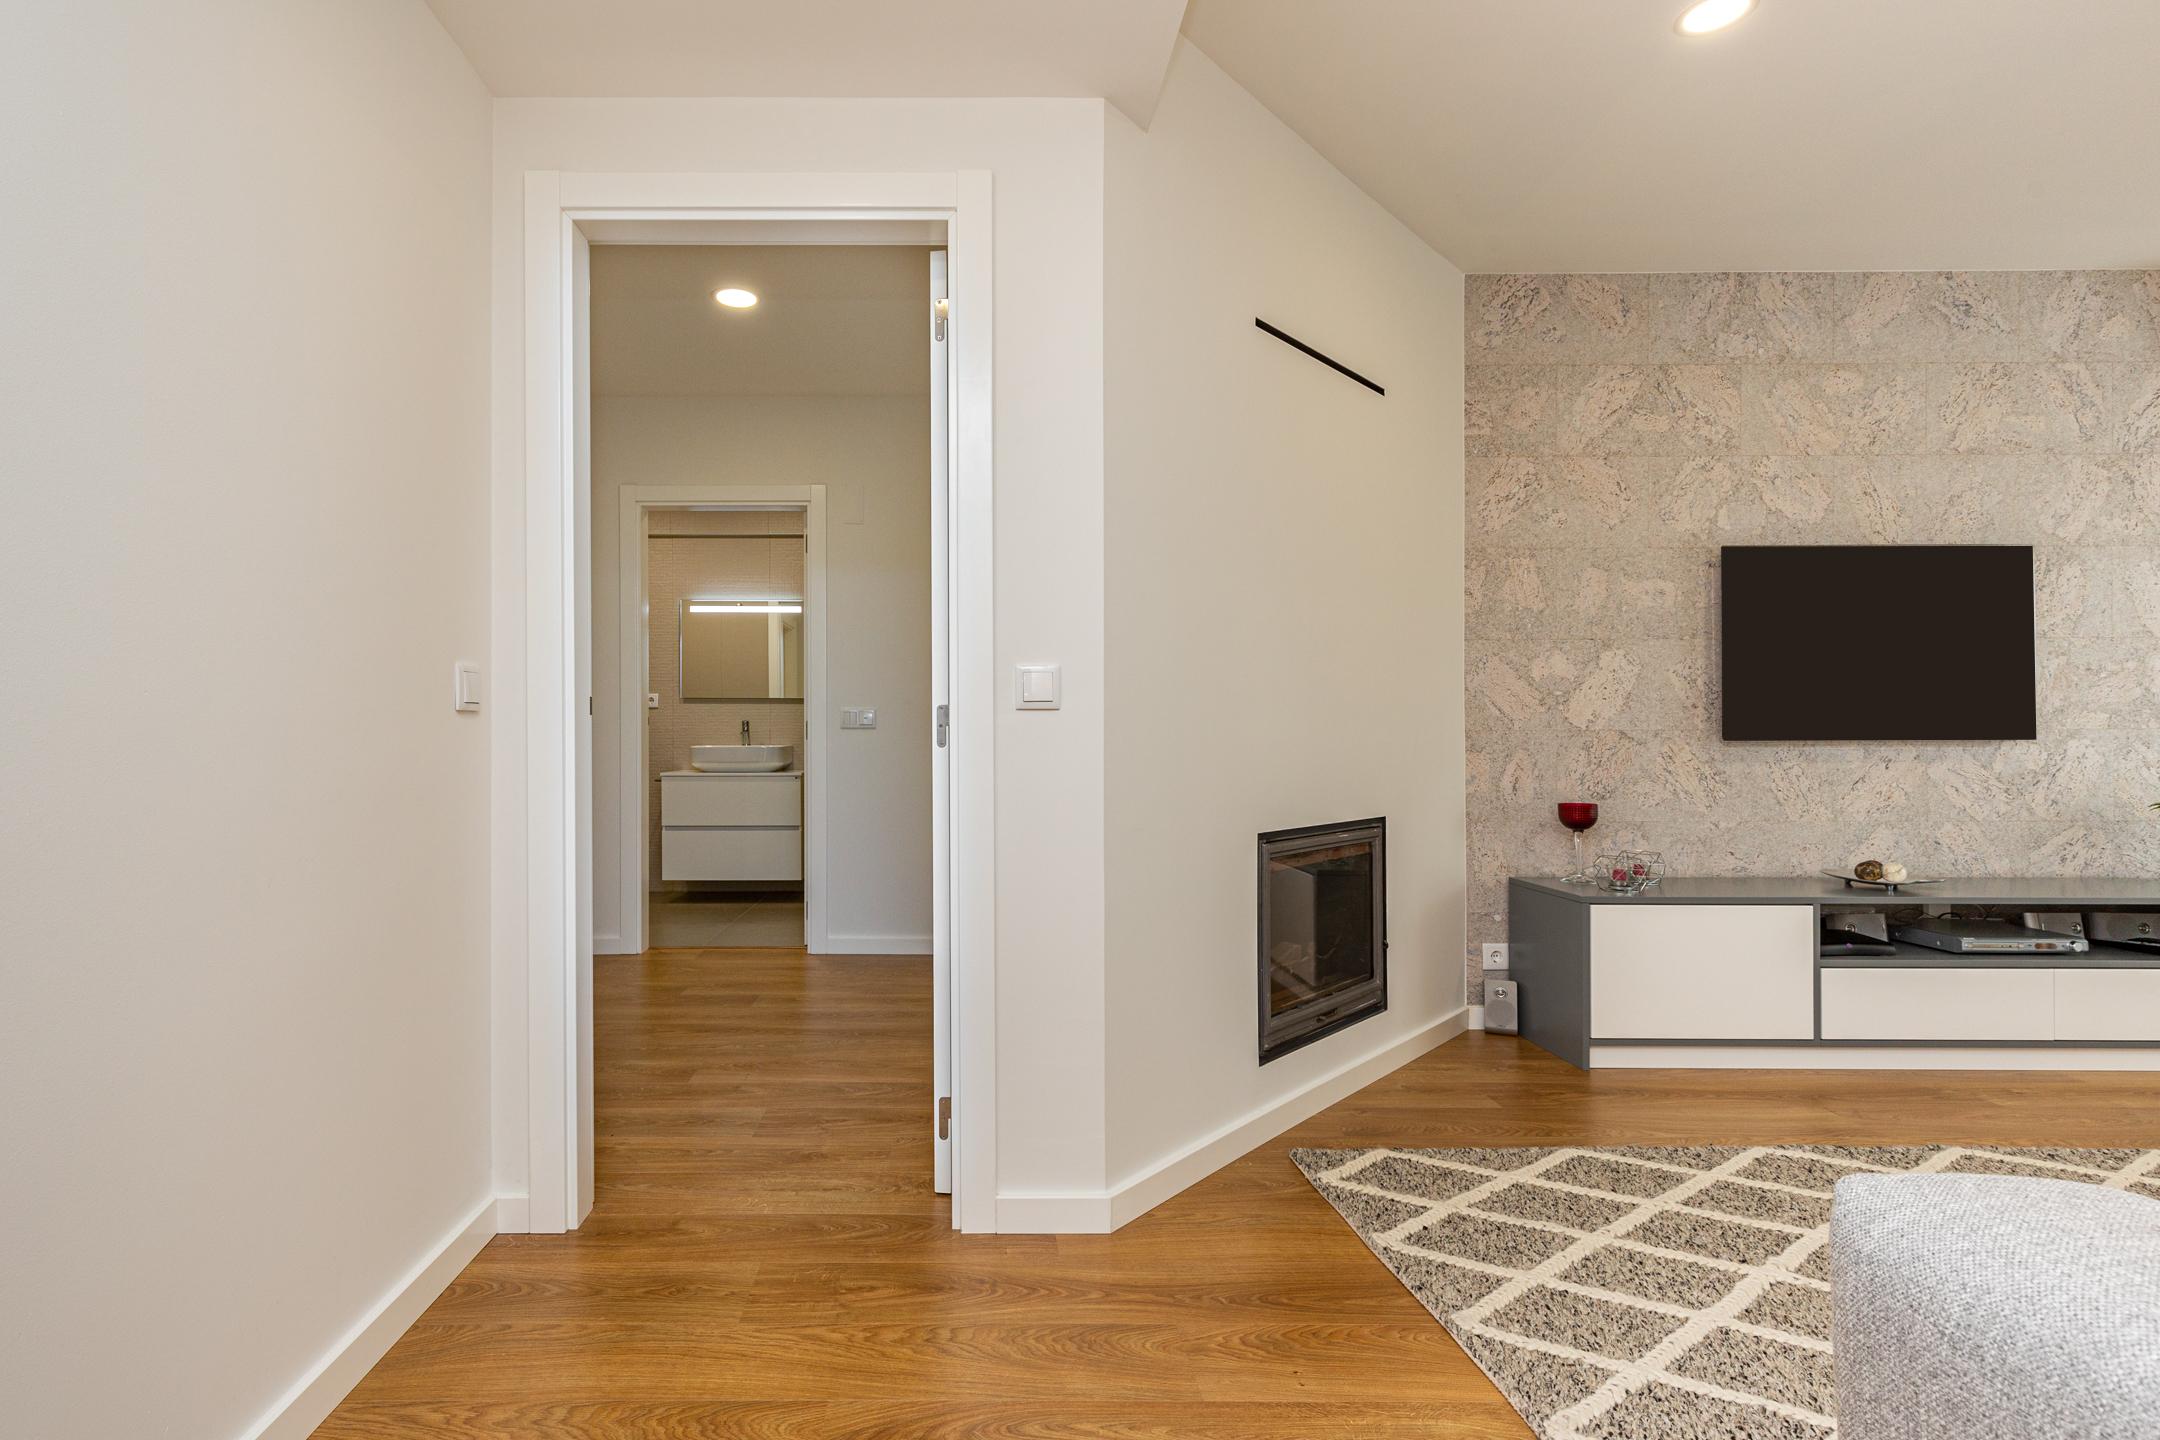 pormenor de entrada da sala apartamento renovado em Guimarães